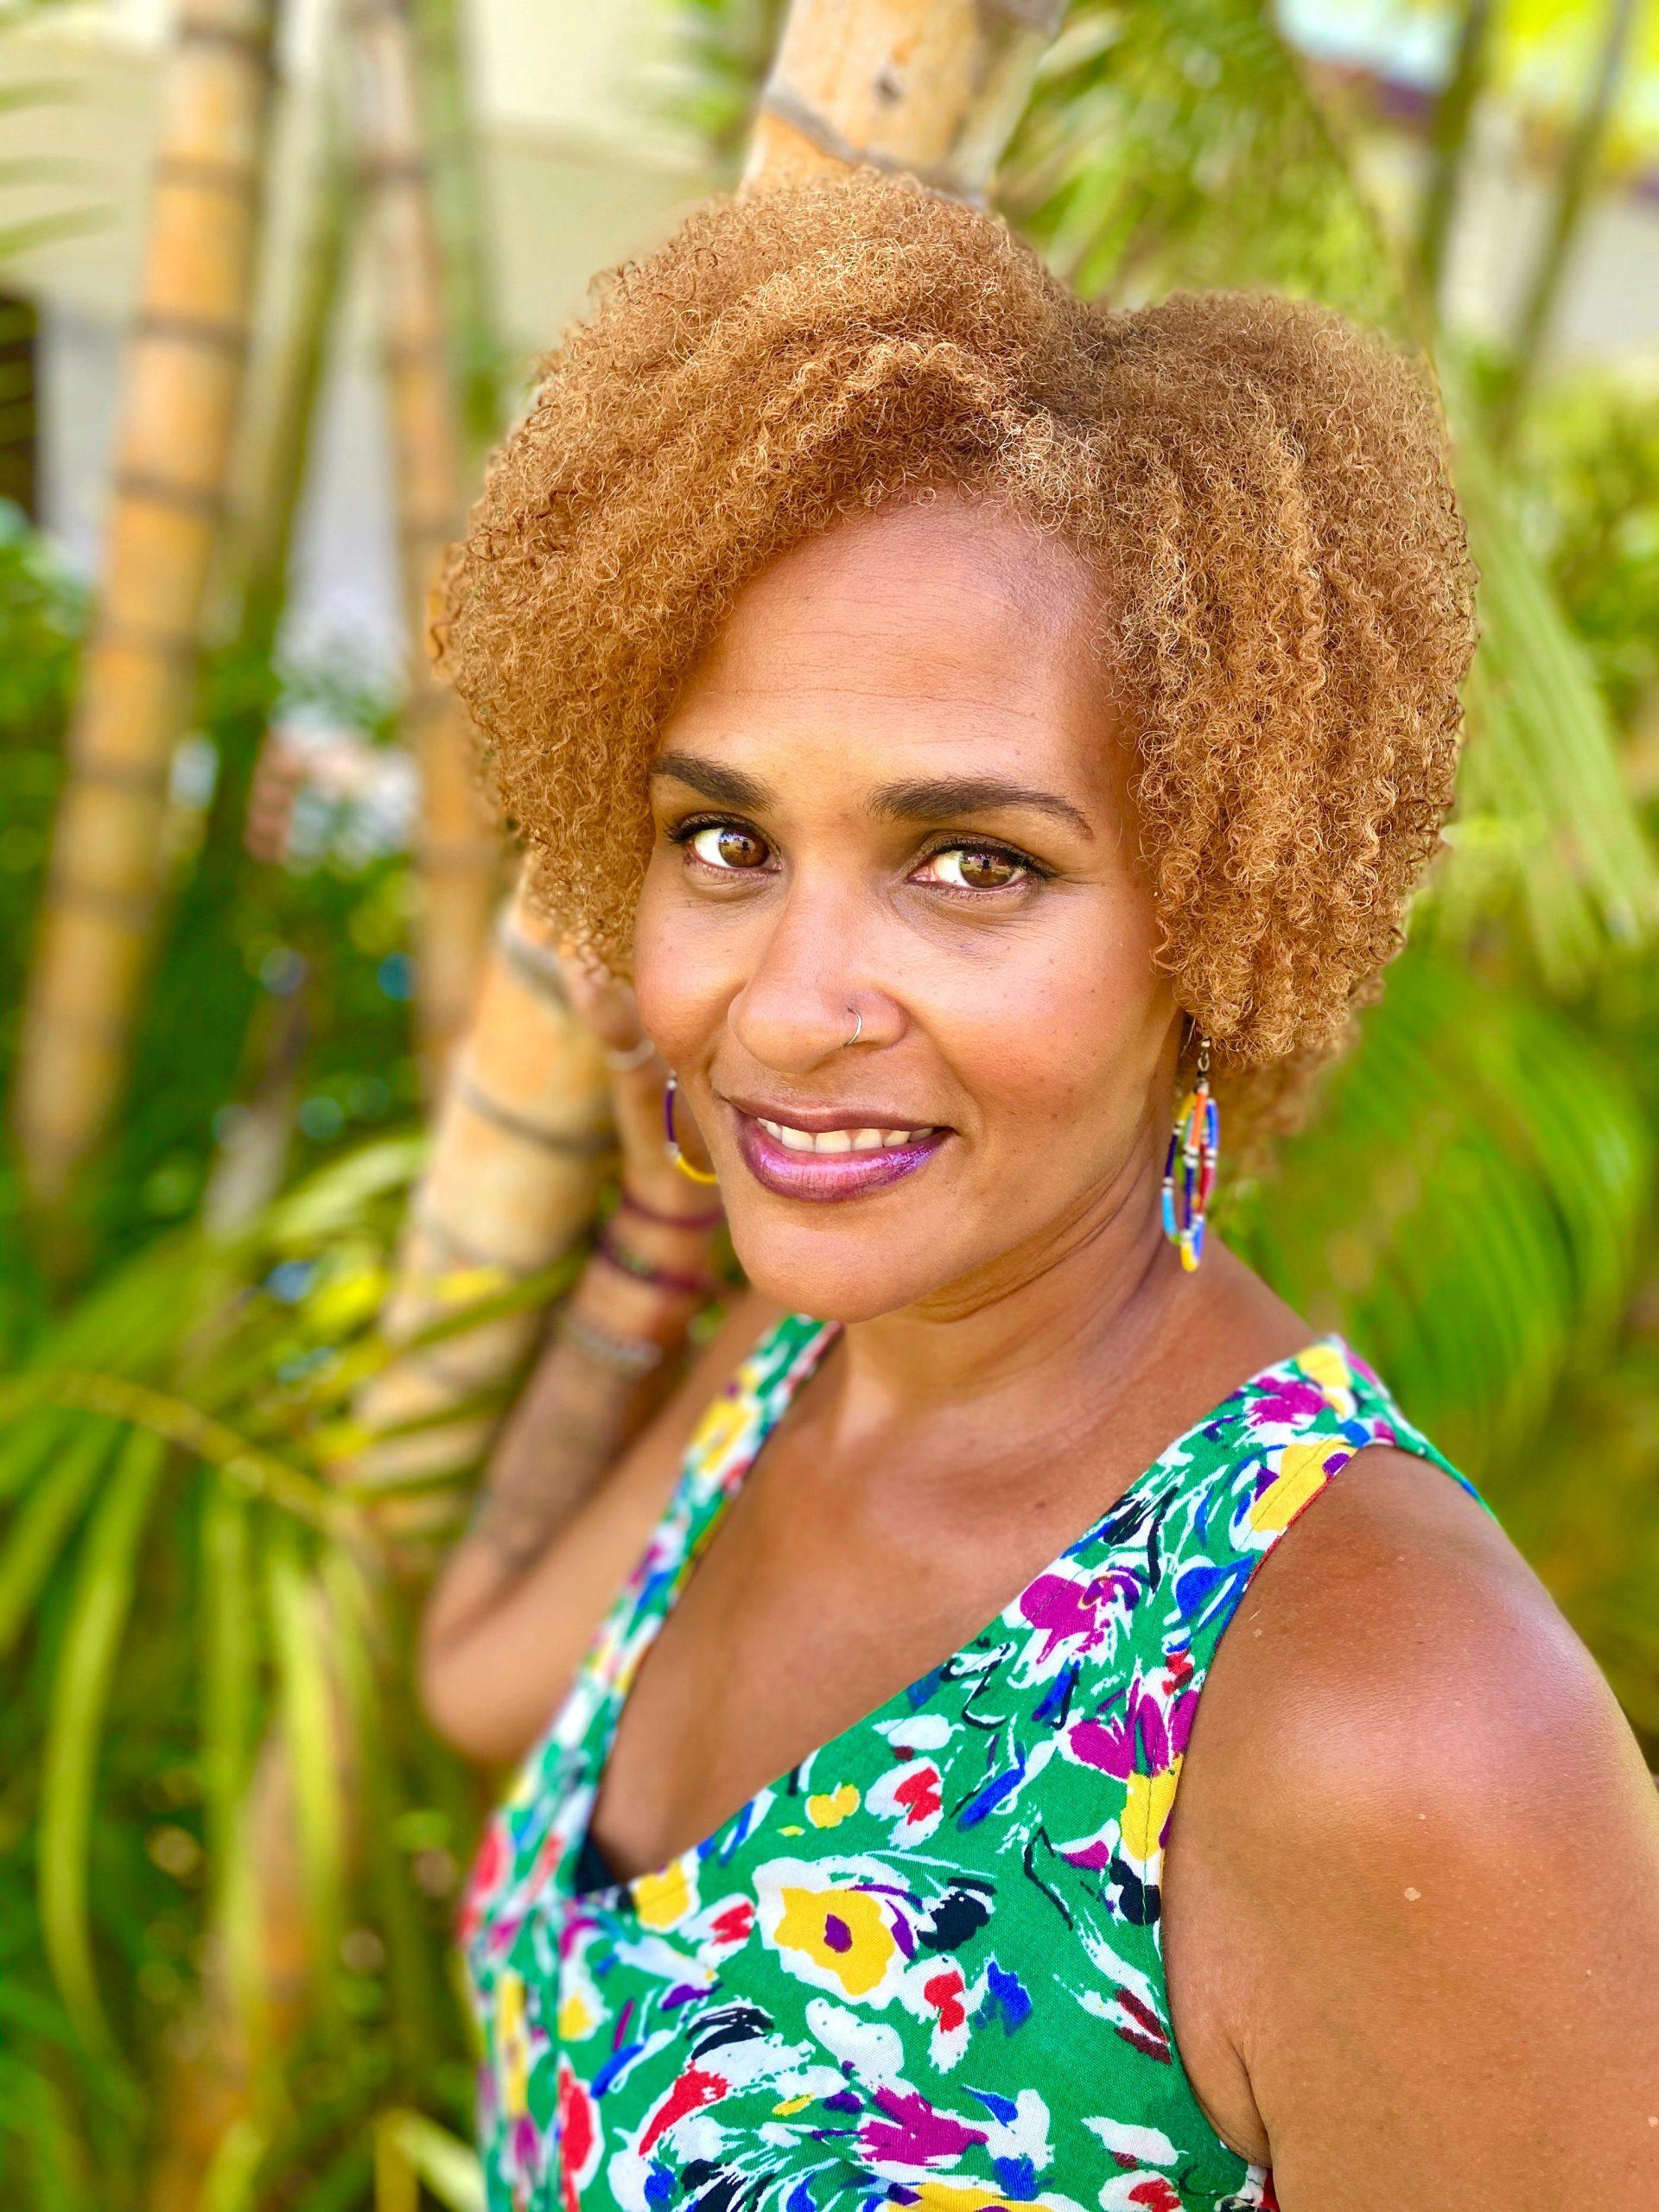 Tonya Gonzalez